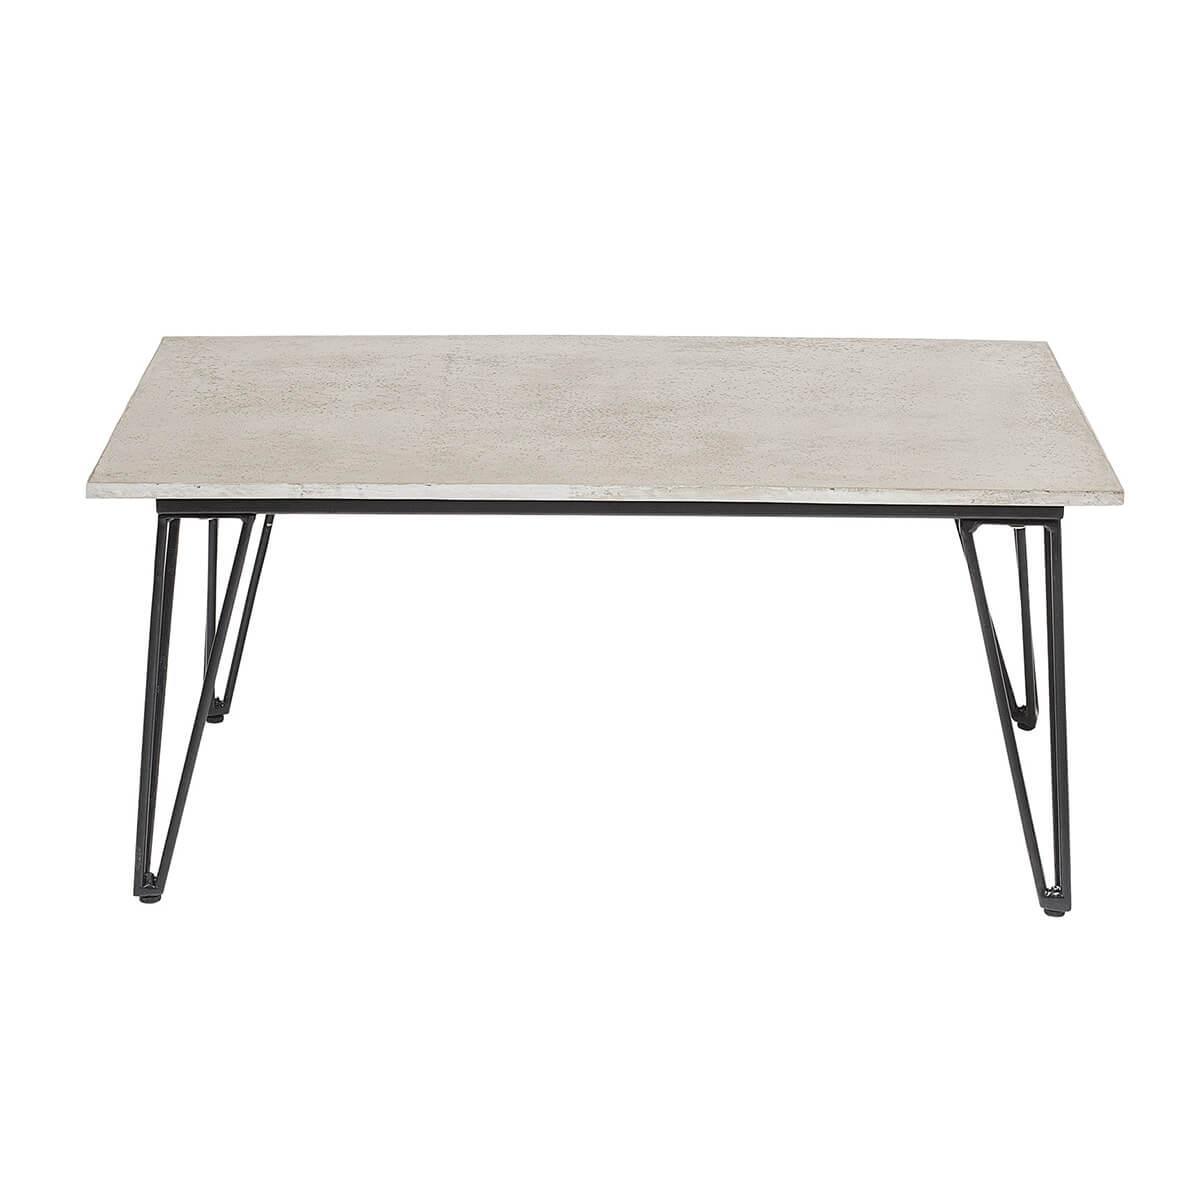 Beton dohányzóasztal cement asztallap skandináv stílus